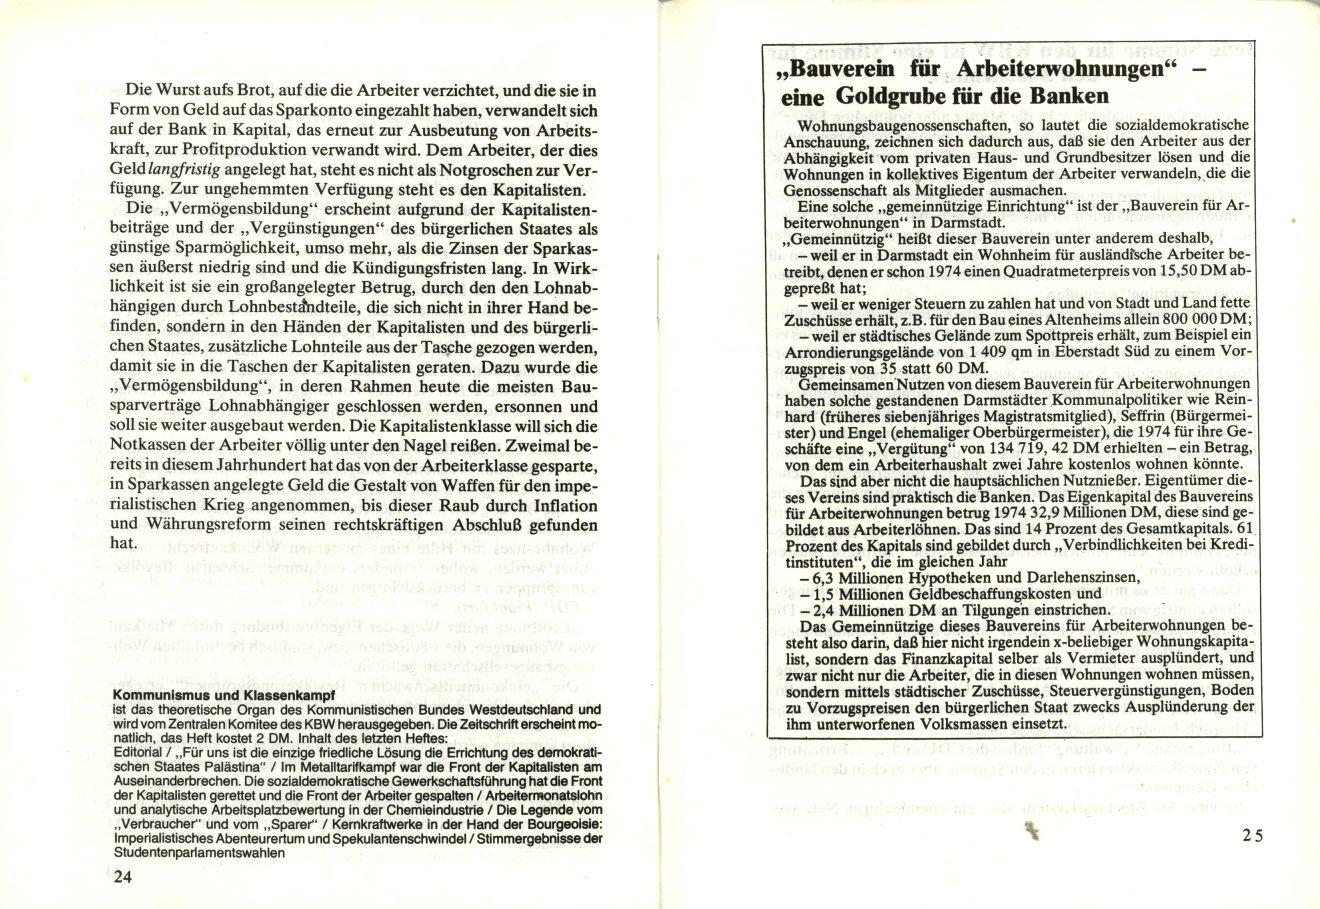 Frankfurt_KBW_Finanzkapital_Stadtparlament_1977_14